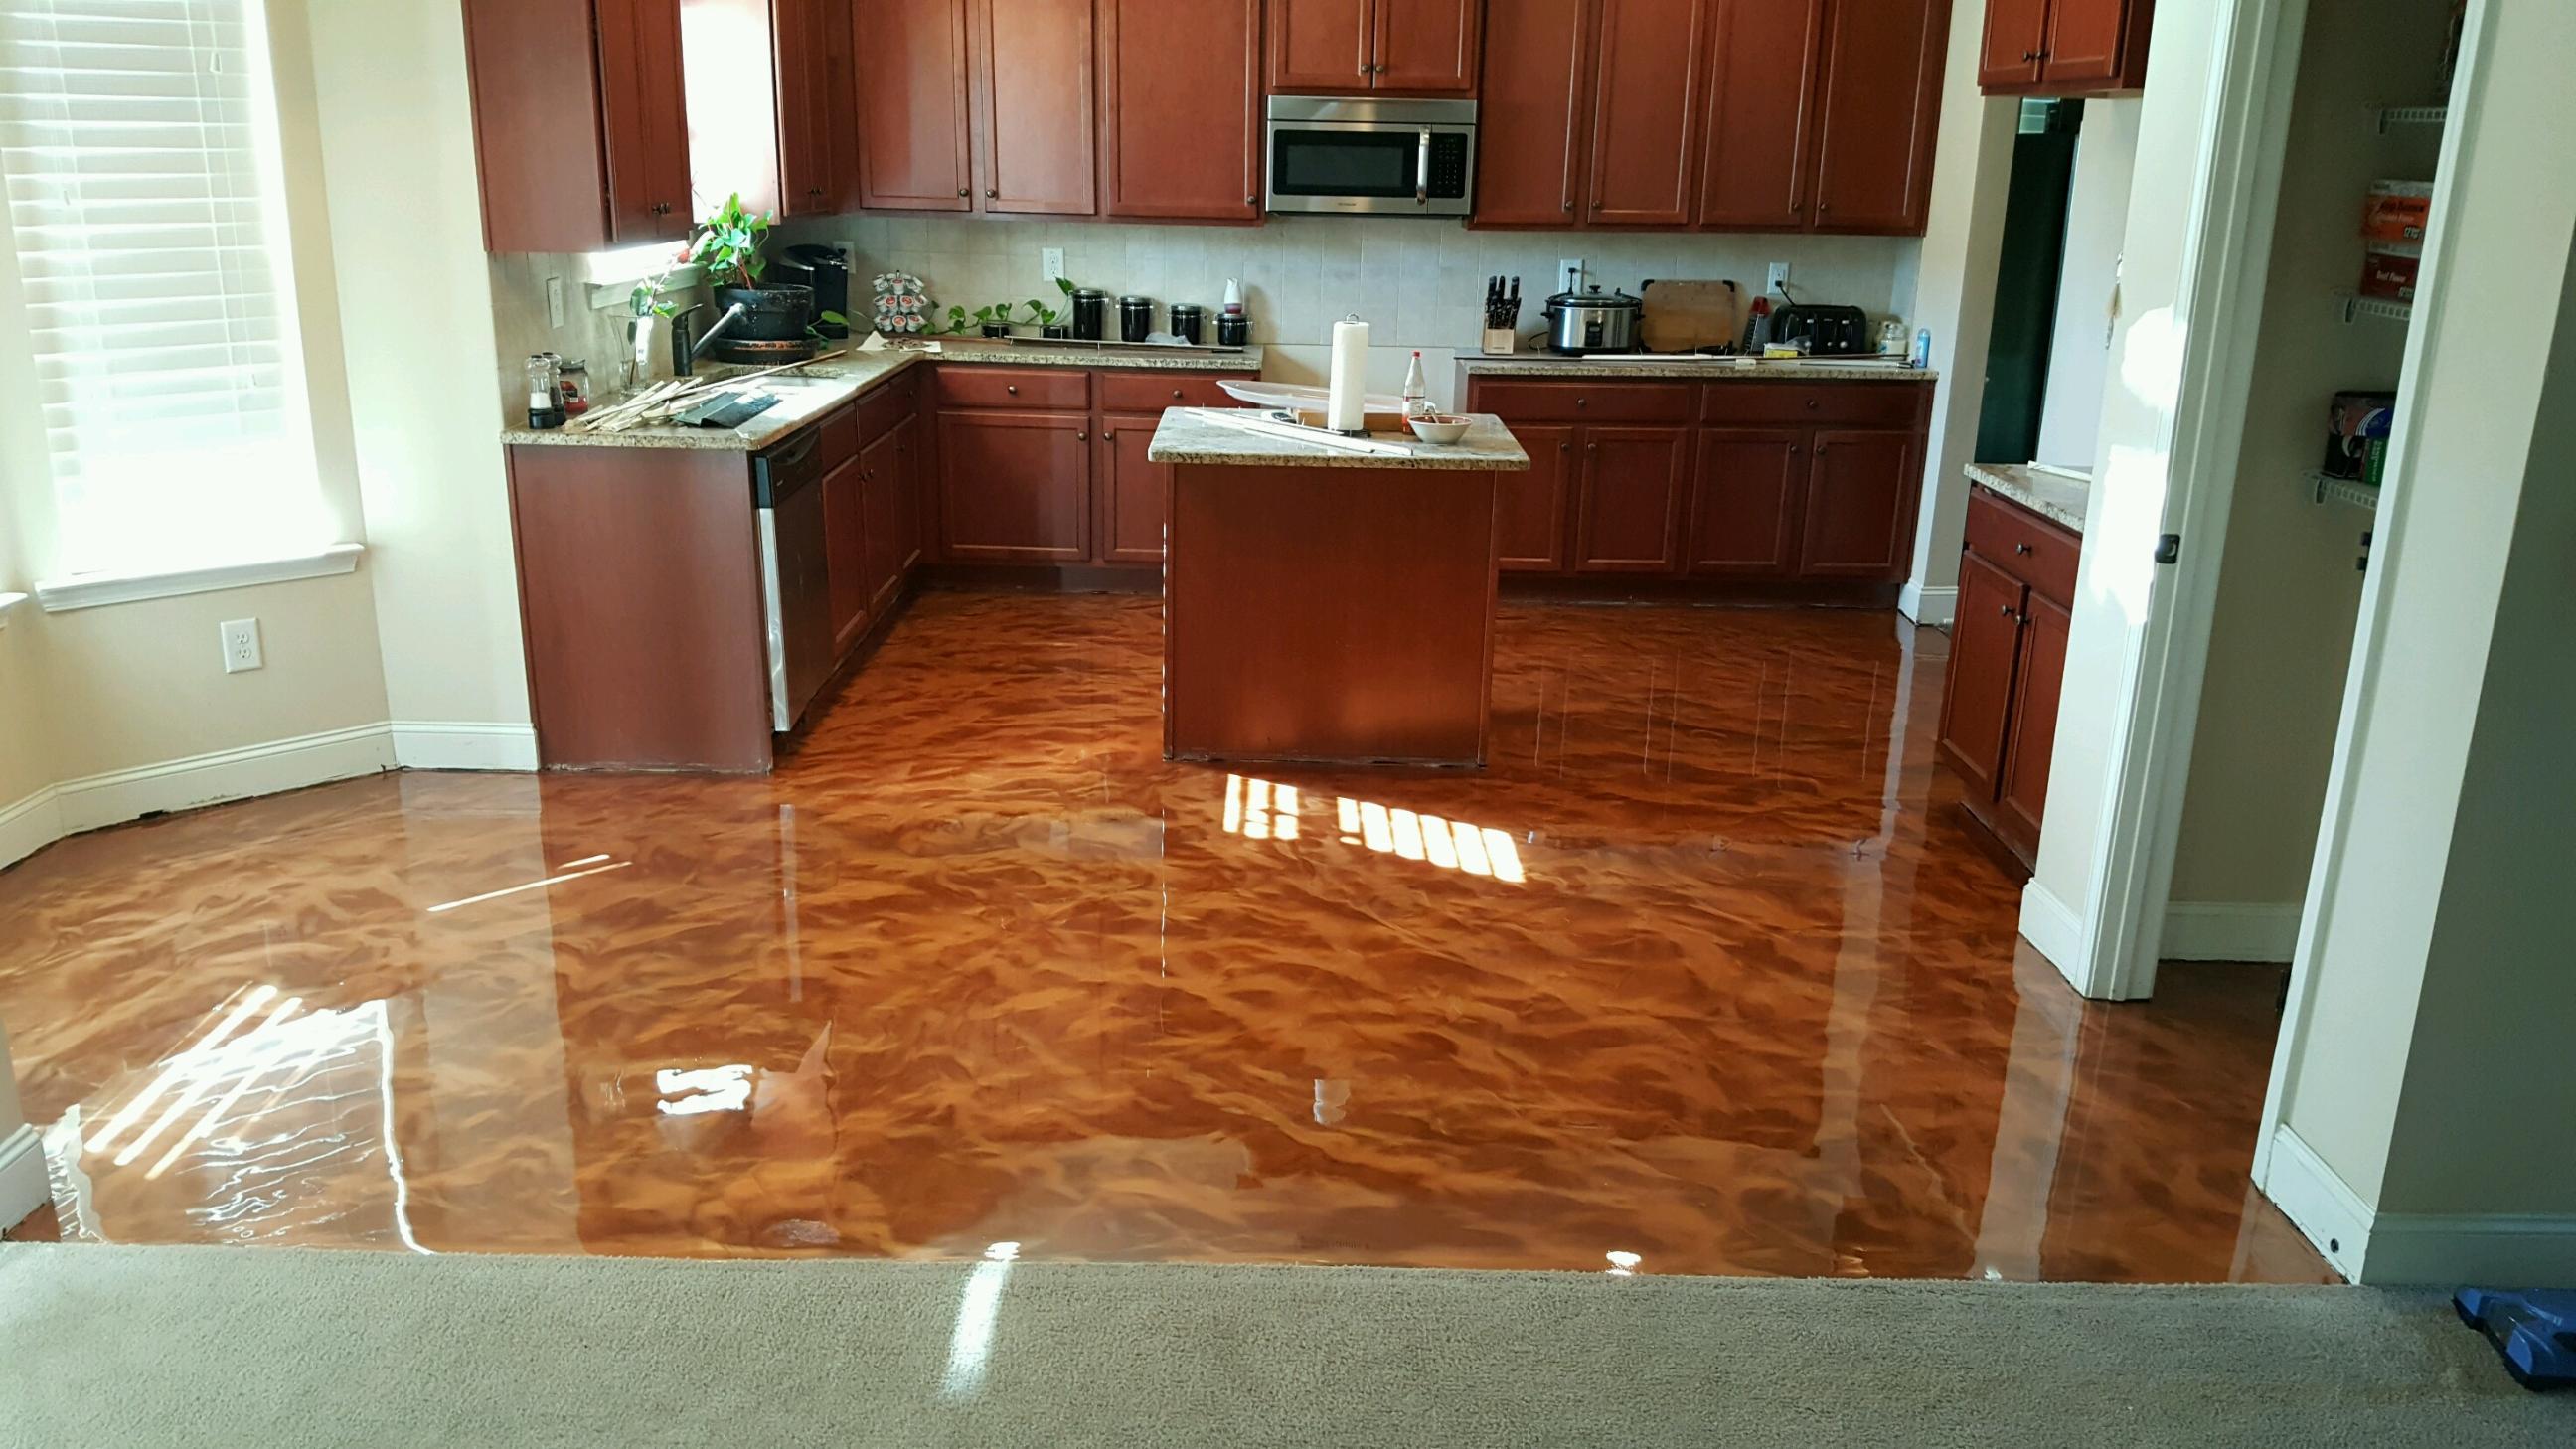 Epoxy Floor Coatings Calgary Garage Epoxy Solo Epoxy Flooring - How expensive is epoxy flooring